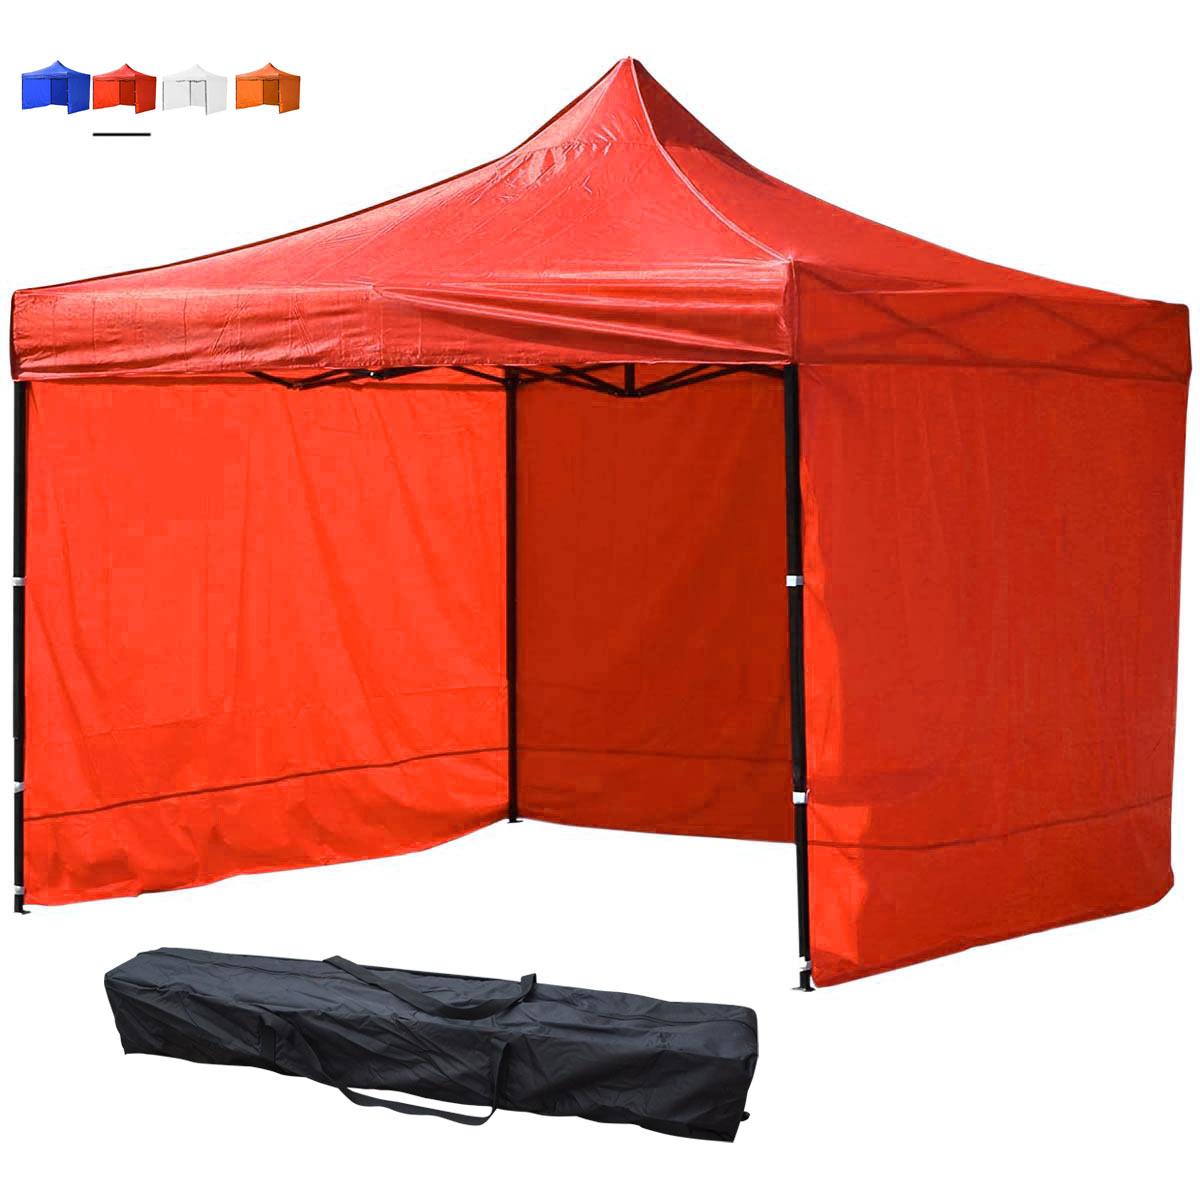 Toldo Carpa Plegable Impermeable Rojo 3x3 m + Pared + Bolsa